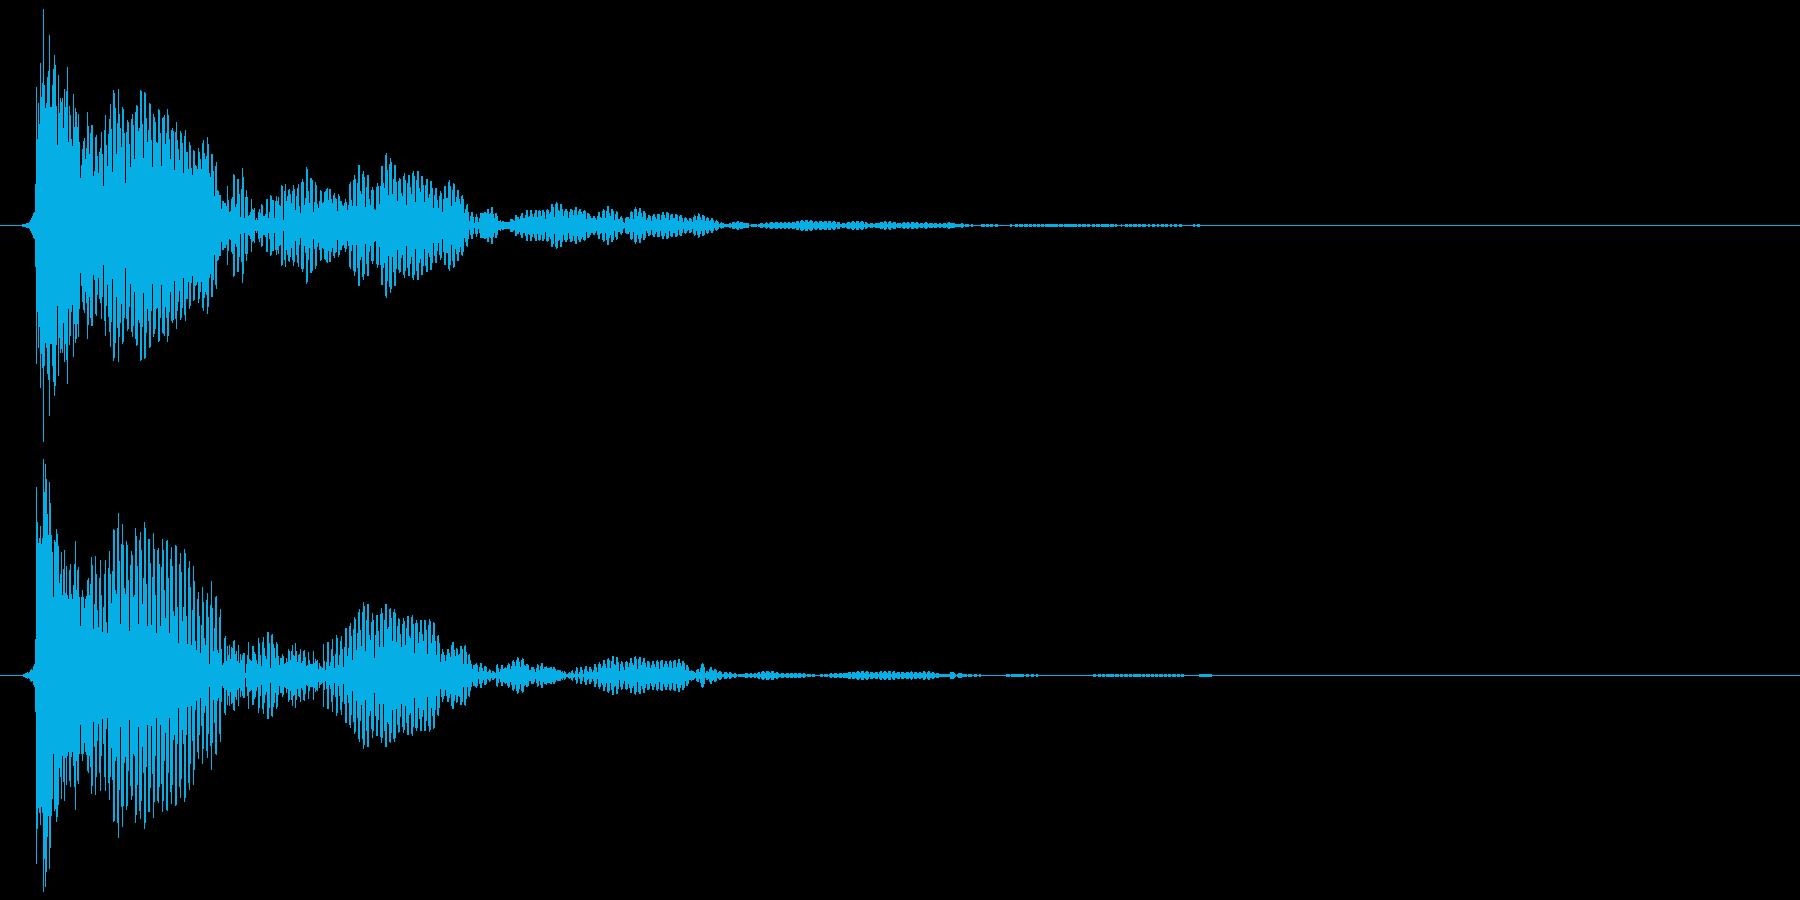 テレビ/ブラウン管 点灯カッ、ブオオン③の再生済みの波形